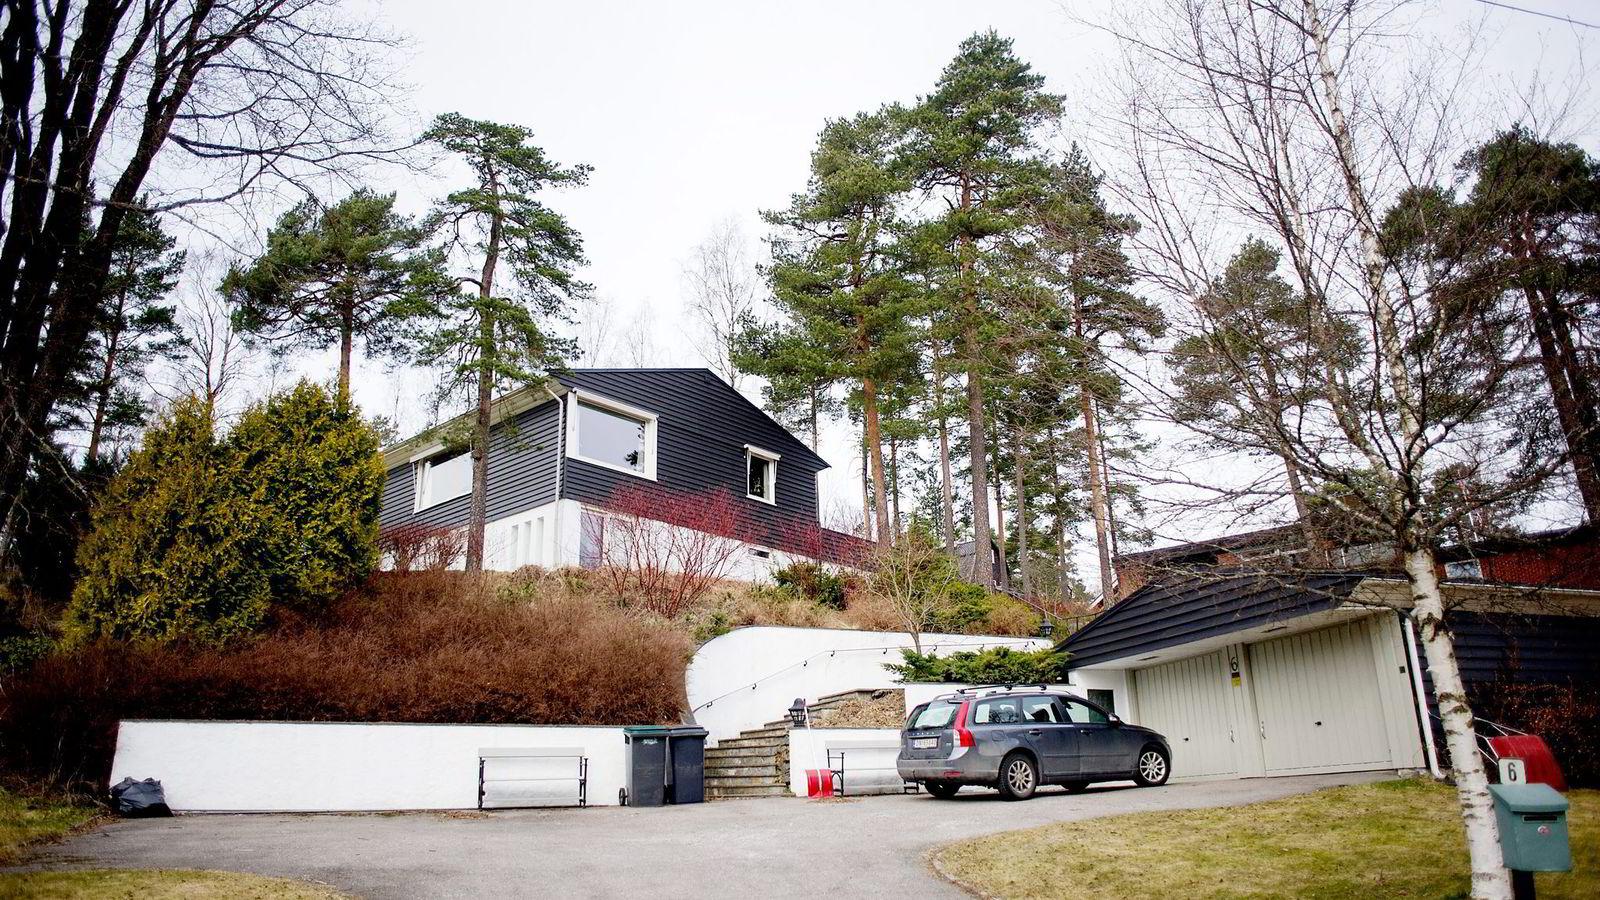 Ap-leder Jonas Gahr Støre brukte firmaet Malermester.pl til å male huset sitt (bildet) i Oslo i 2011. Firmaet markedsfører seg som mesterbedrift uten å være det.